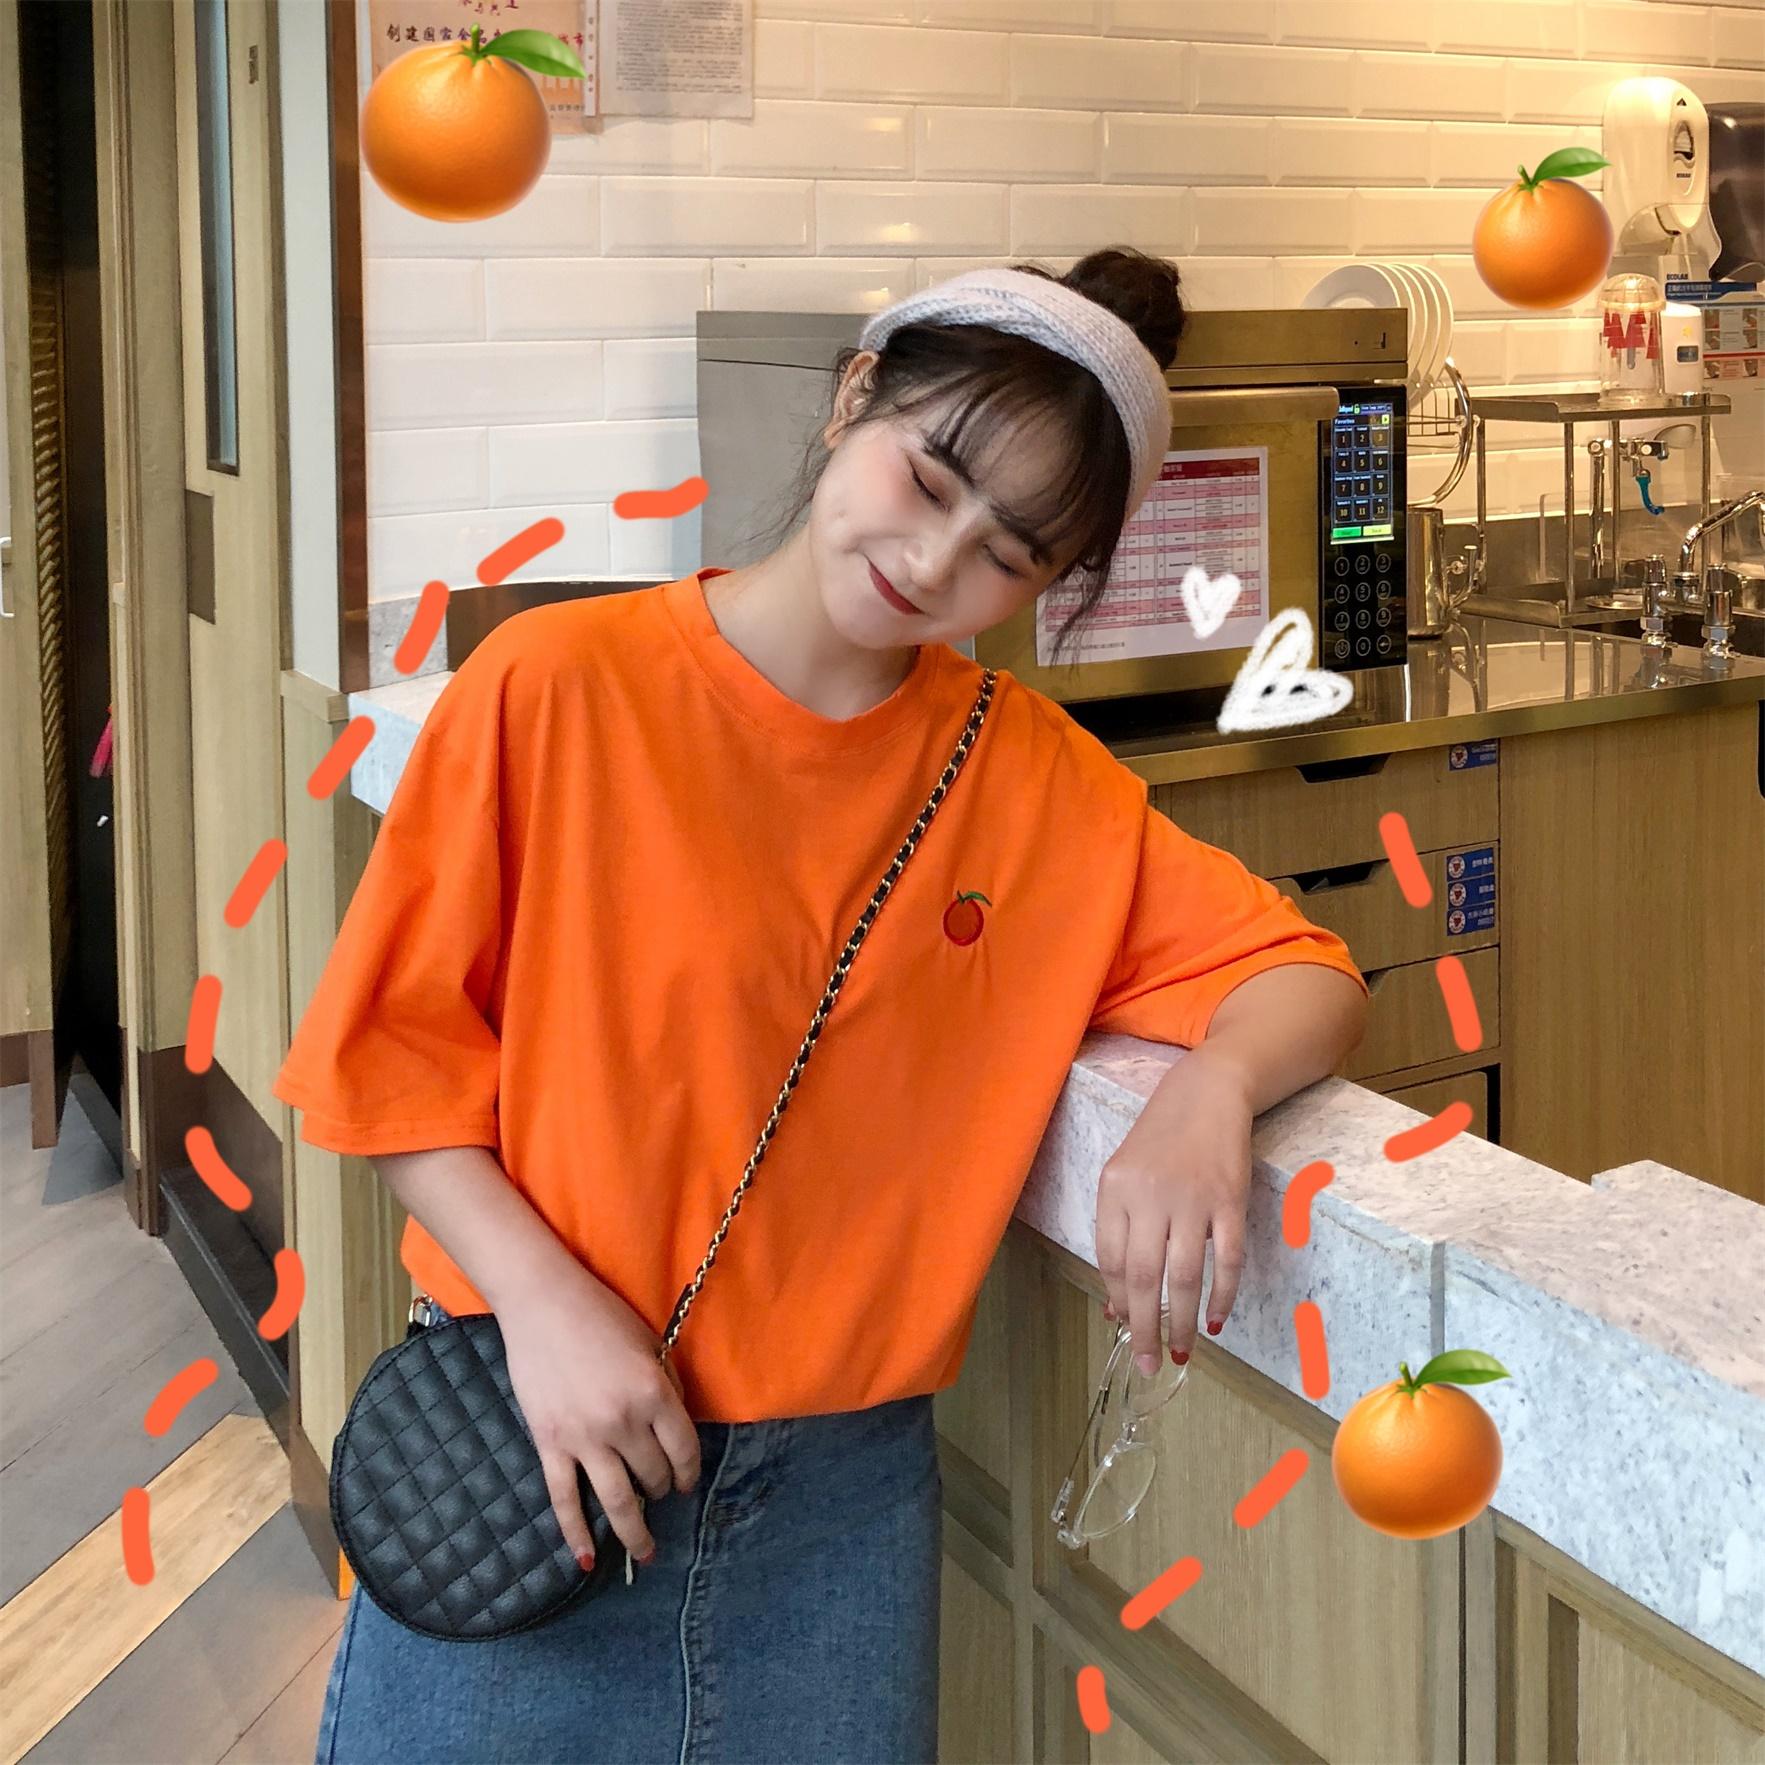 韩国风ins亮色橙色橘色水果风t恤限10000张券